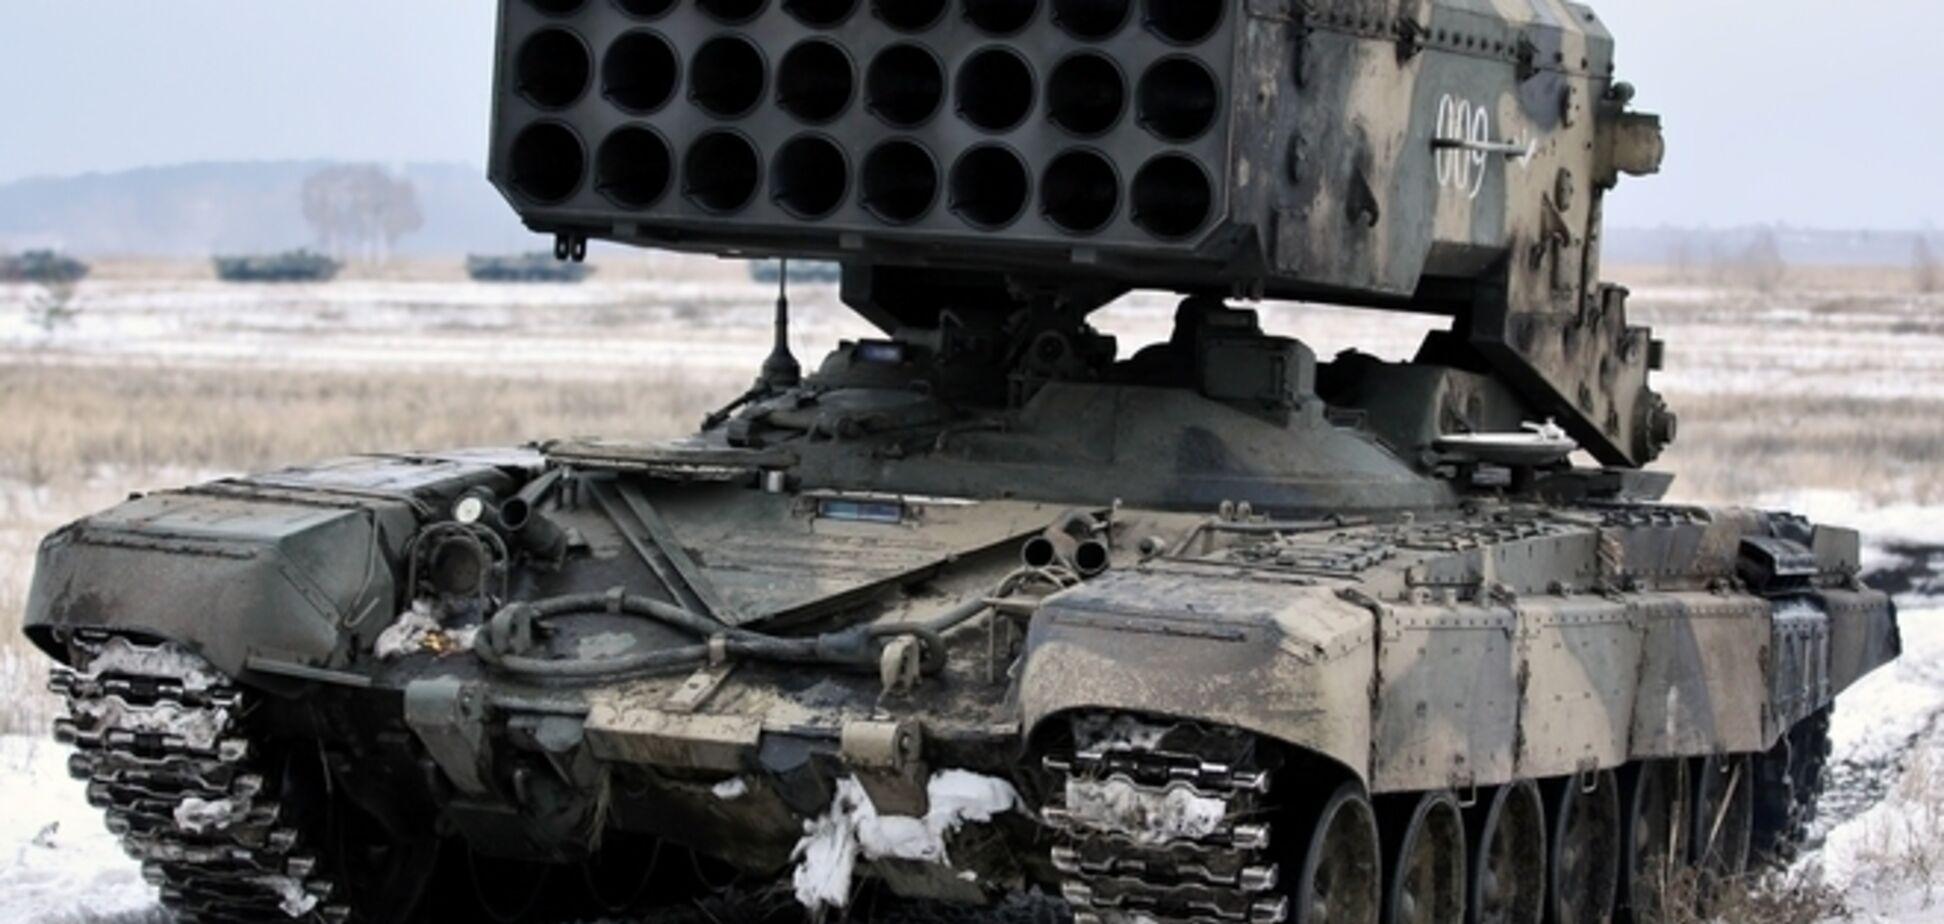 Кремль хочет применить на Донбассе авиацию и новые виды оружия - эксперт